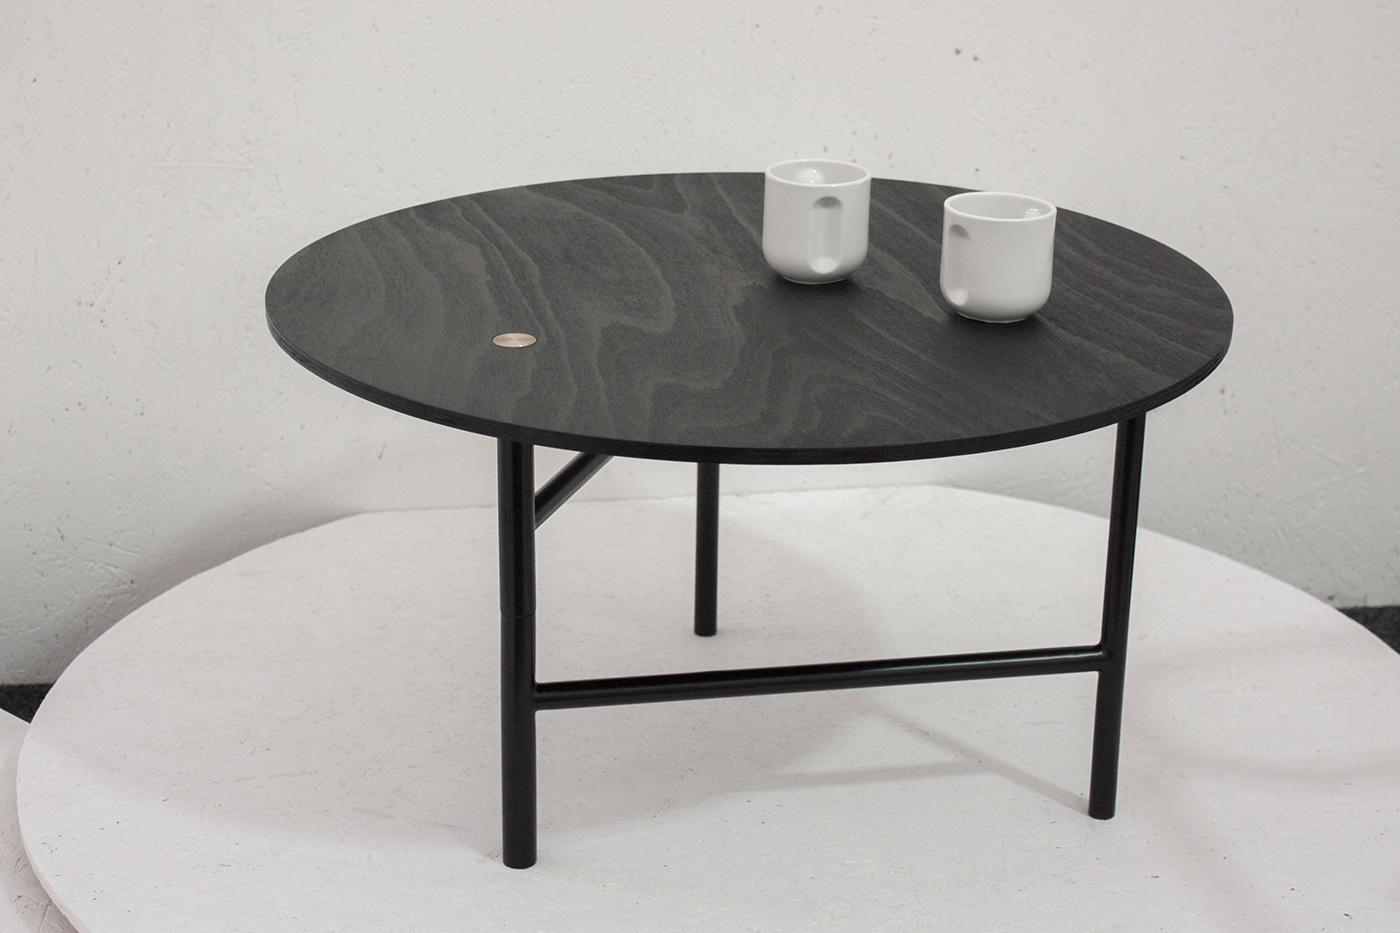 installation,design,furniture,porcelain,lighting